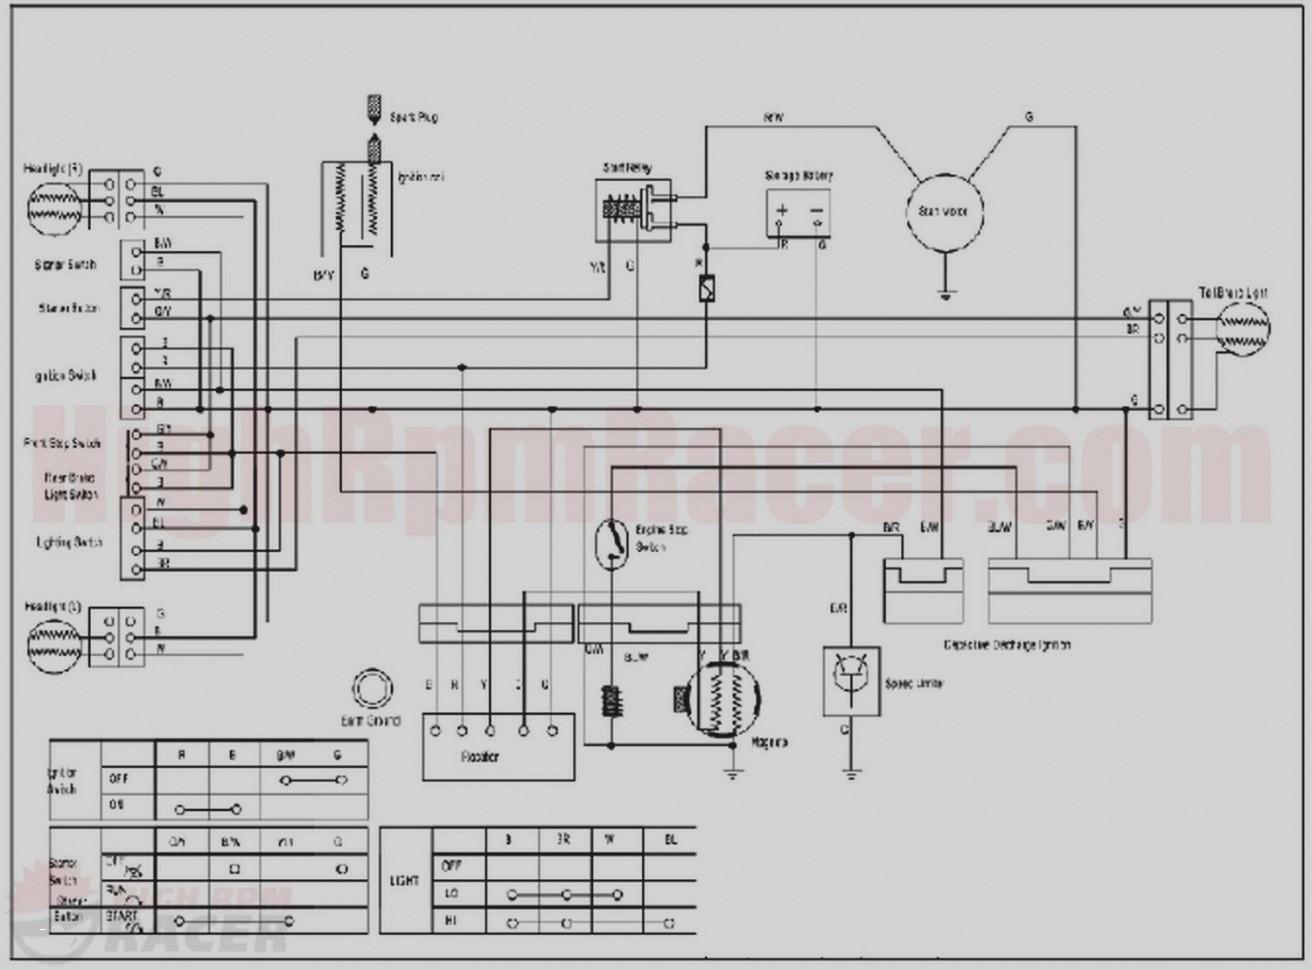 chinese 125cc atv wiring diagram new 110cc chinese atv wiring diagram unique amazing baja 90 atv wiring of chinese 125cc atv wiring diagram